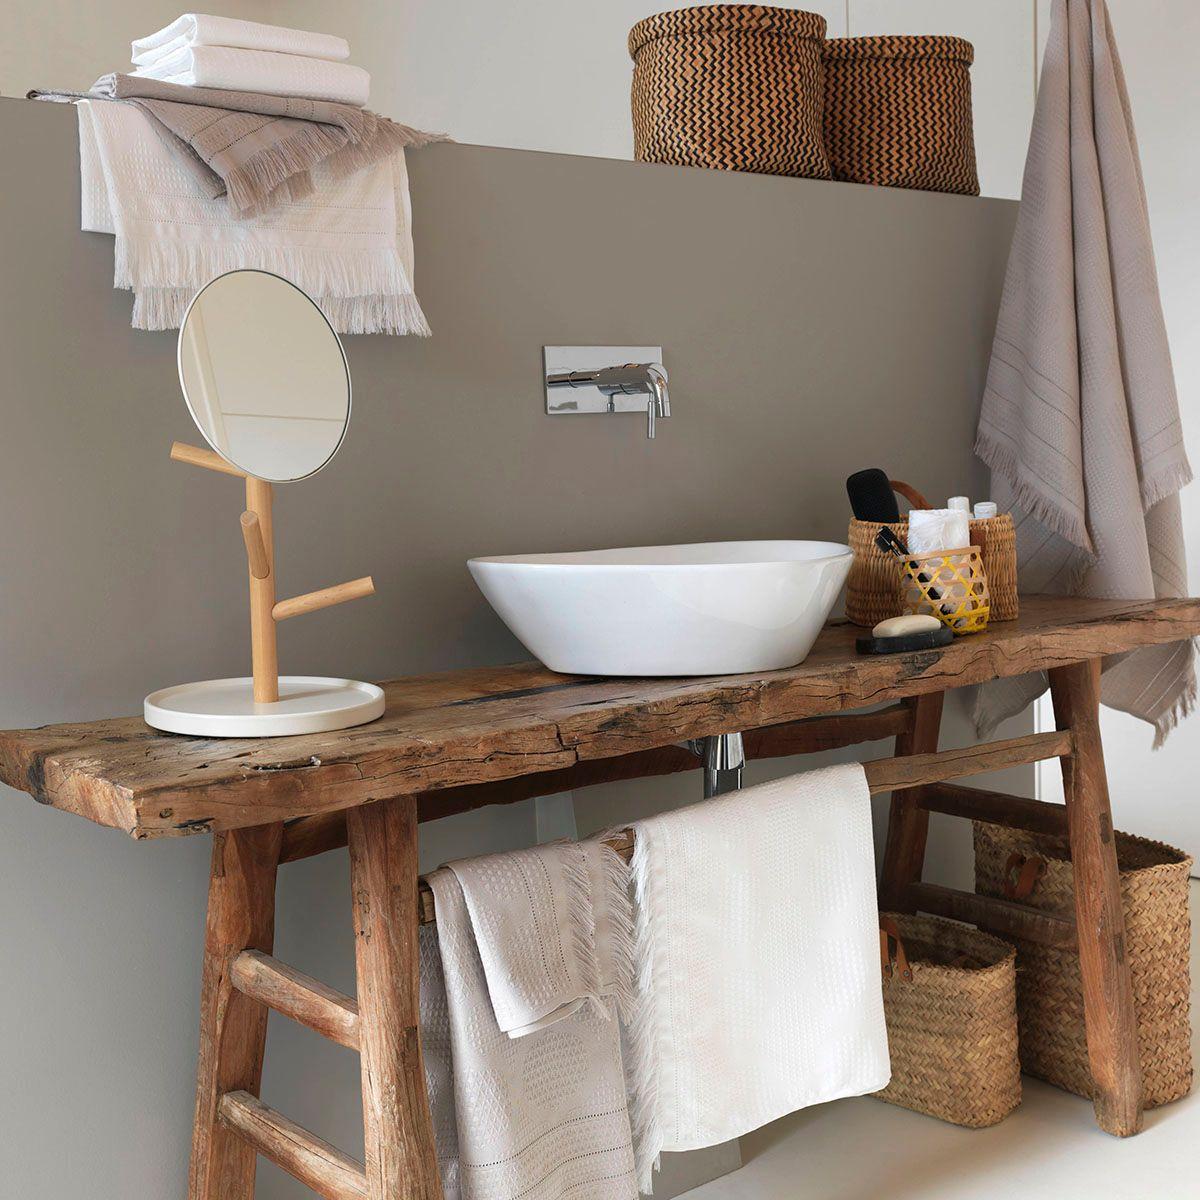 Petit Meuble Pour Salle De Bain mes idées pour aménager une petite salle de bain   madame décore